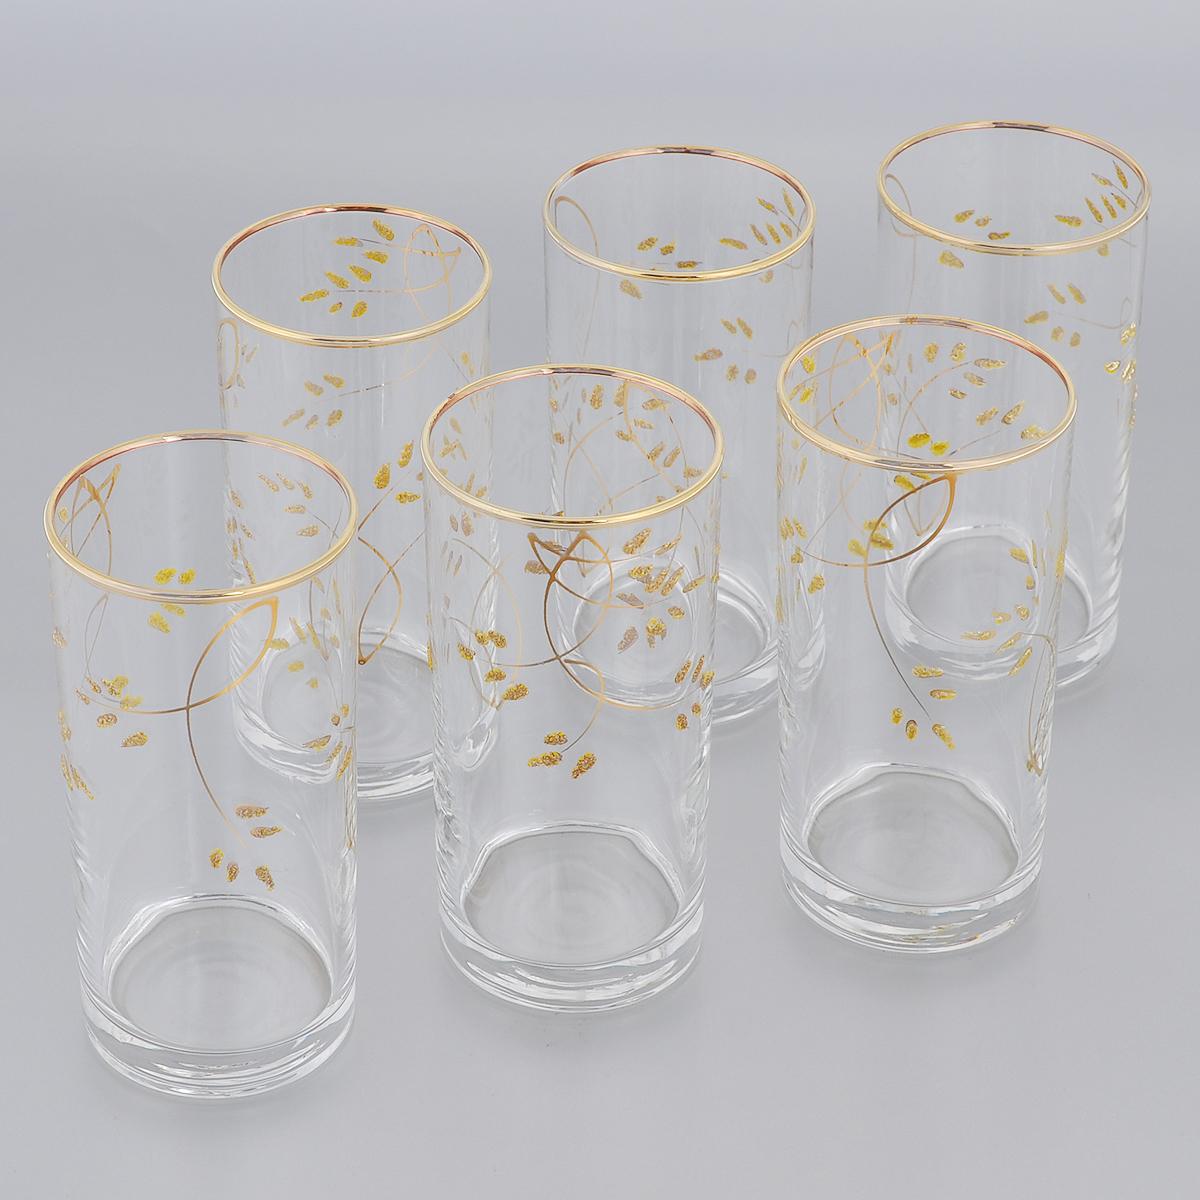 Набор стаканов для коктейлей Гусь-Хрустальный Колосок, 290 мл, 6 штVT-1520(SR)Набор Гусь-Хрустальный Колосок состоит из 6 стаканов для коктейлей, изготовленных из высококачественного натрий-кальций-силикатного стекла. Изделия оформлены красивым зеркальным покрытием и золотистым глянцевым орнаментом. Такой набор прекрасно дополнит праздничный стол и станет желанным подарком в любом доме. Разрешается мыть в посудомоечной машине. Диаметр стакана (по верхнему краю): 6 см. Высота стакана: 12,5 см.